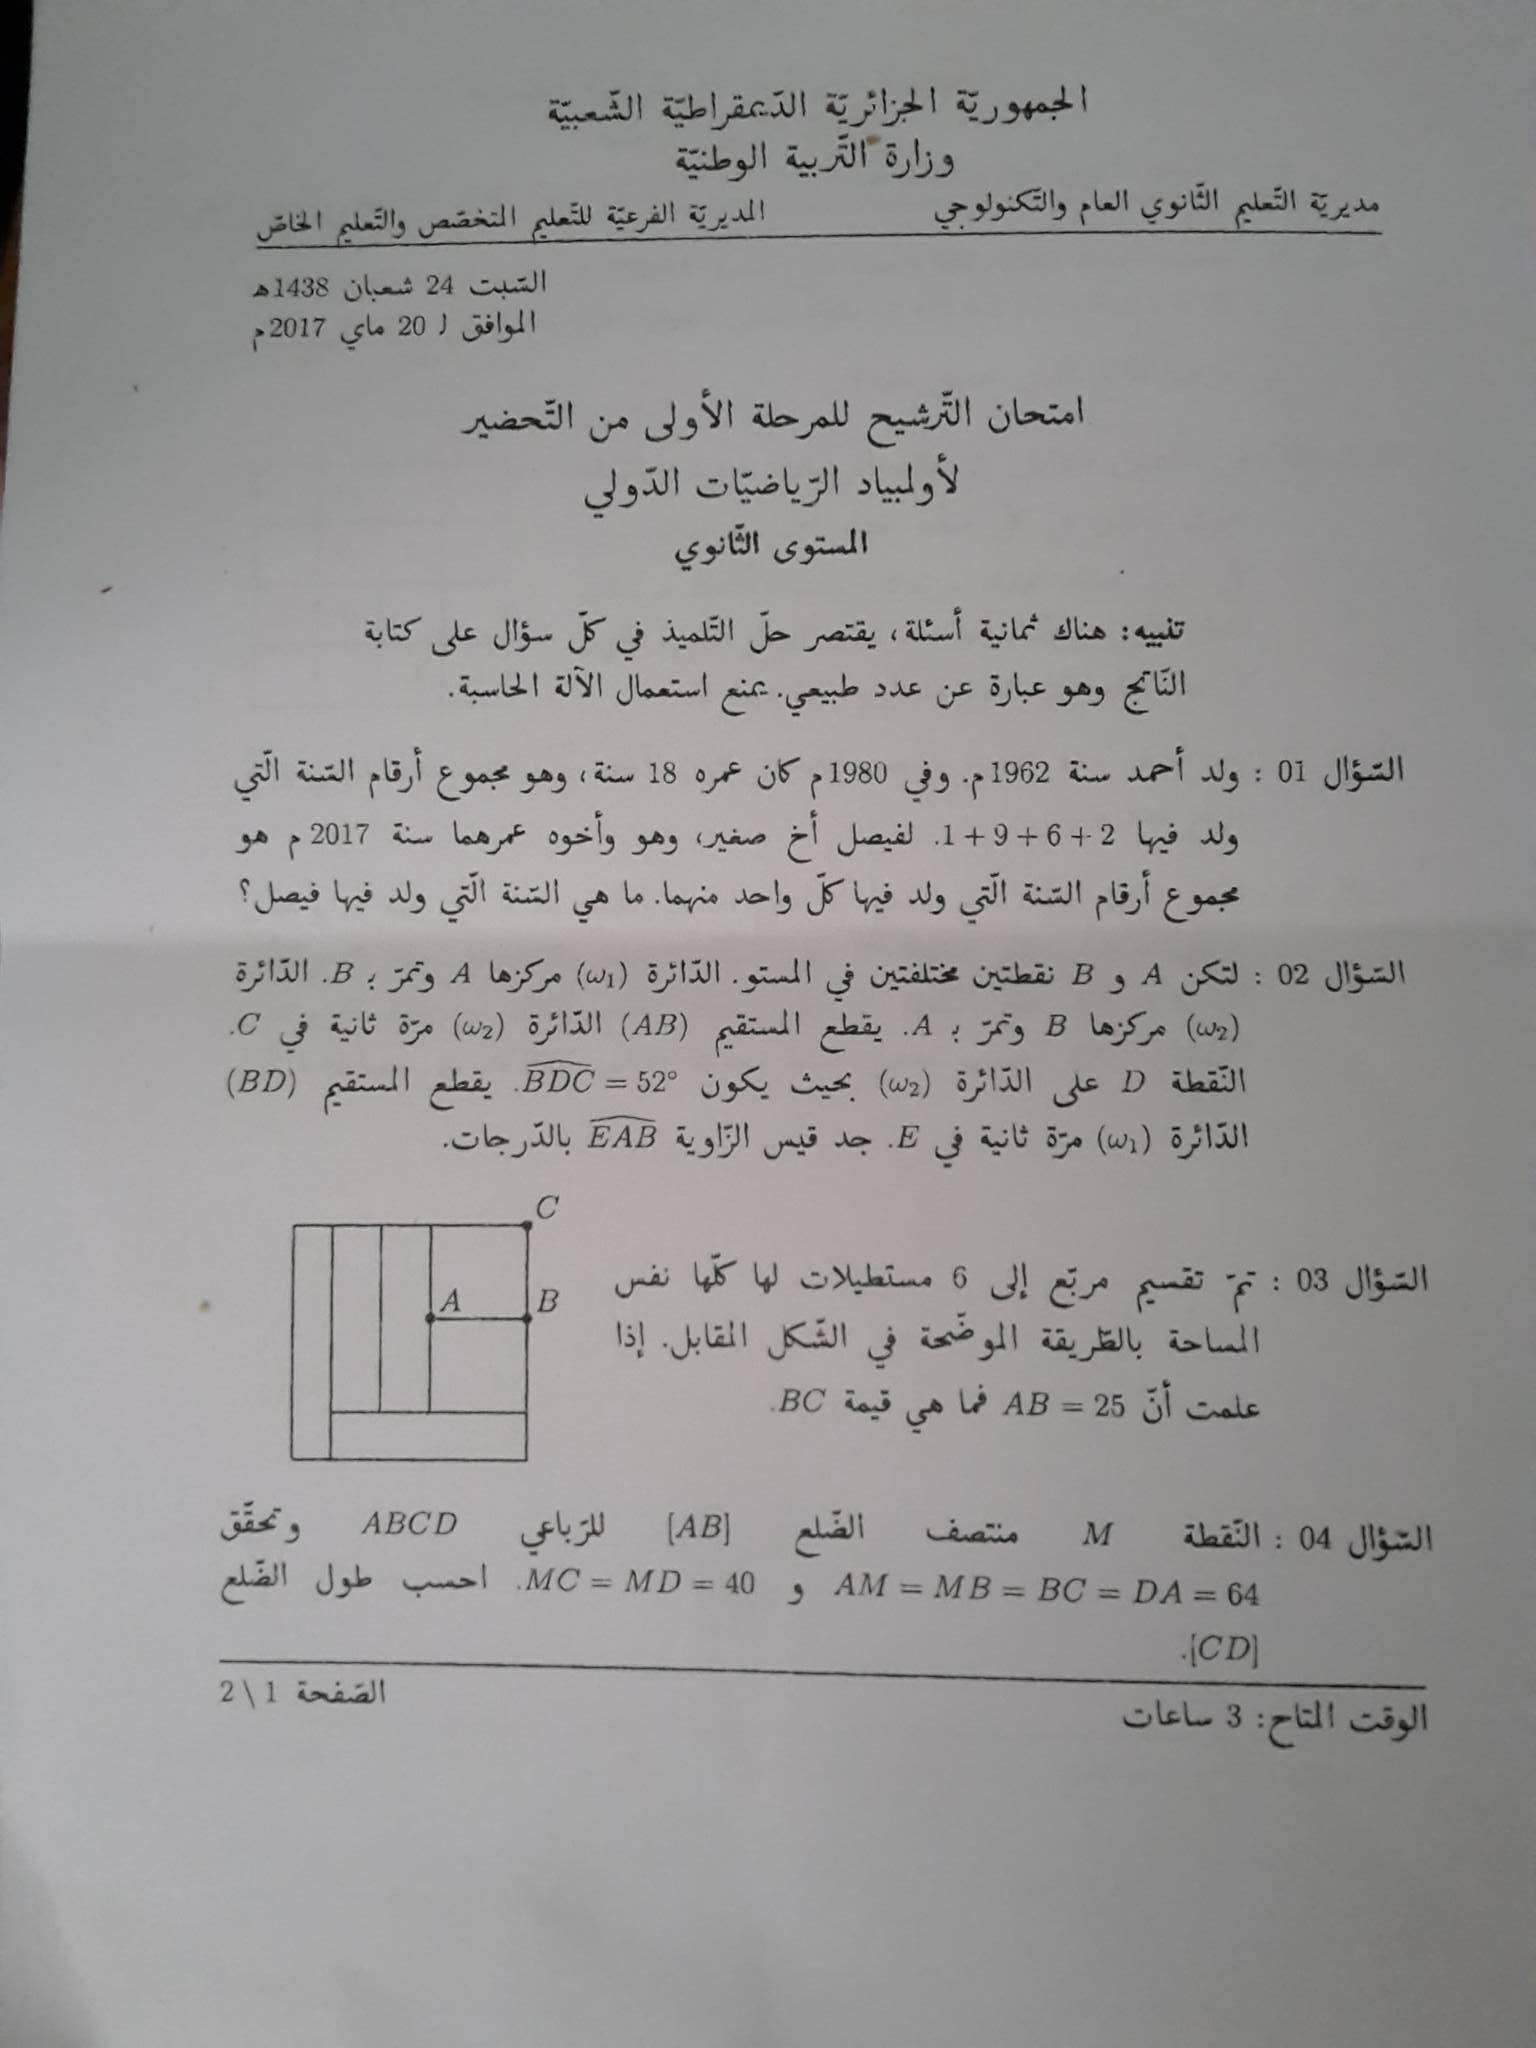 موضوع امتحان أولمبياد الرياضيات - الجزائر - المستوى الثانوي - 1 ثانوي - 2 ثانوي - السنة الاولى ثانوي - السنة الثانية ثانوي 2017 18641710